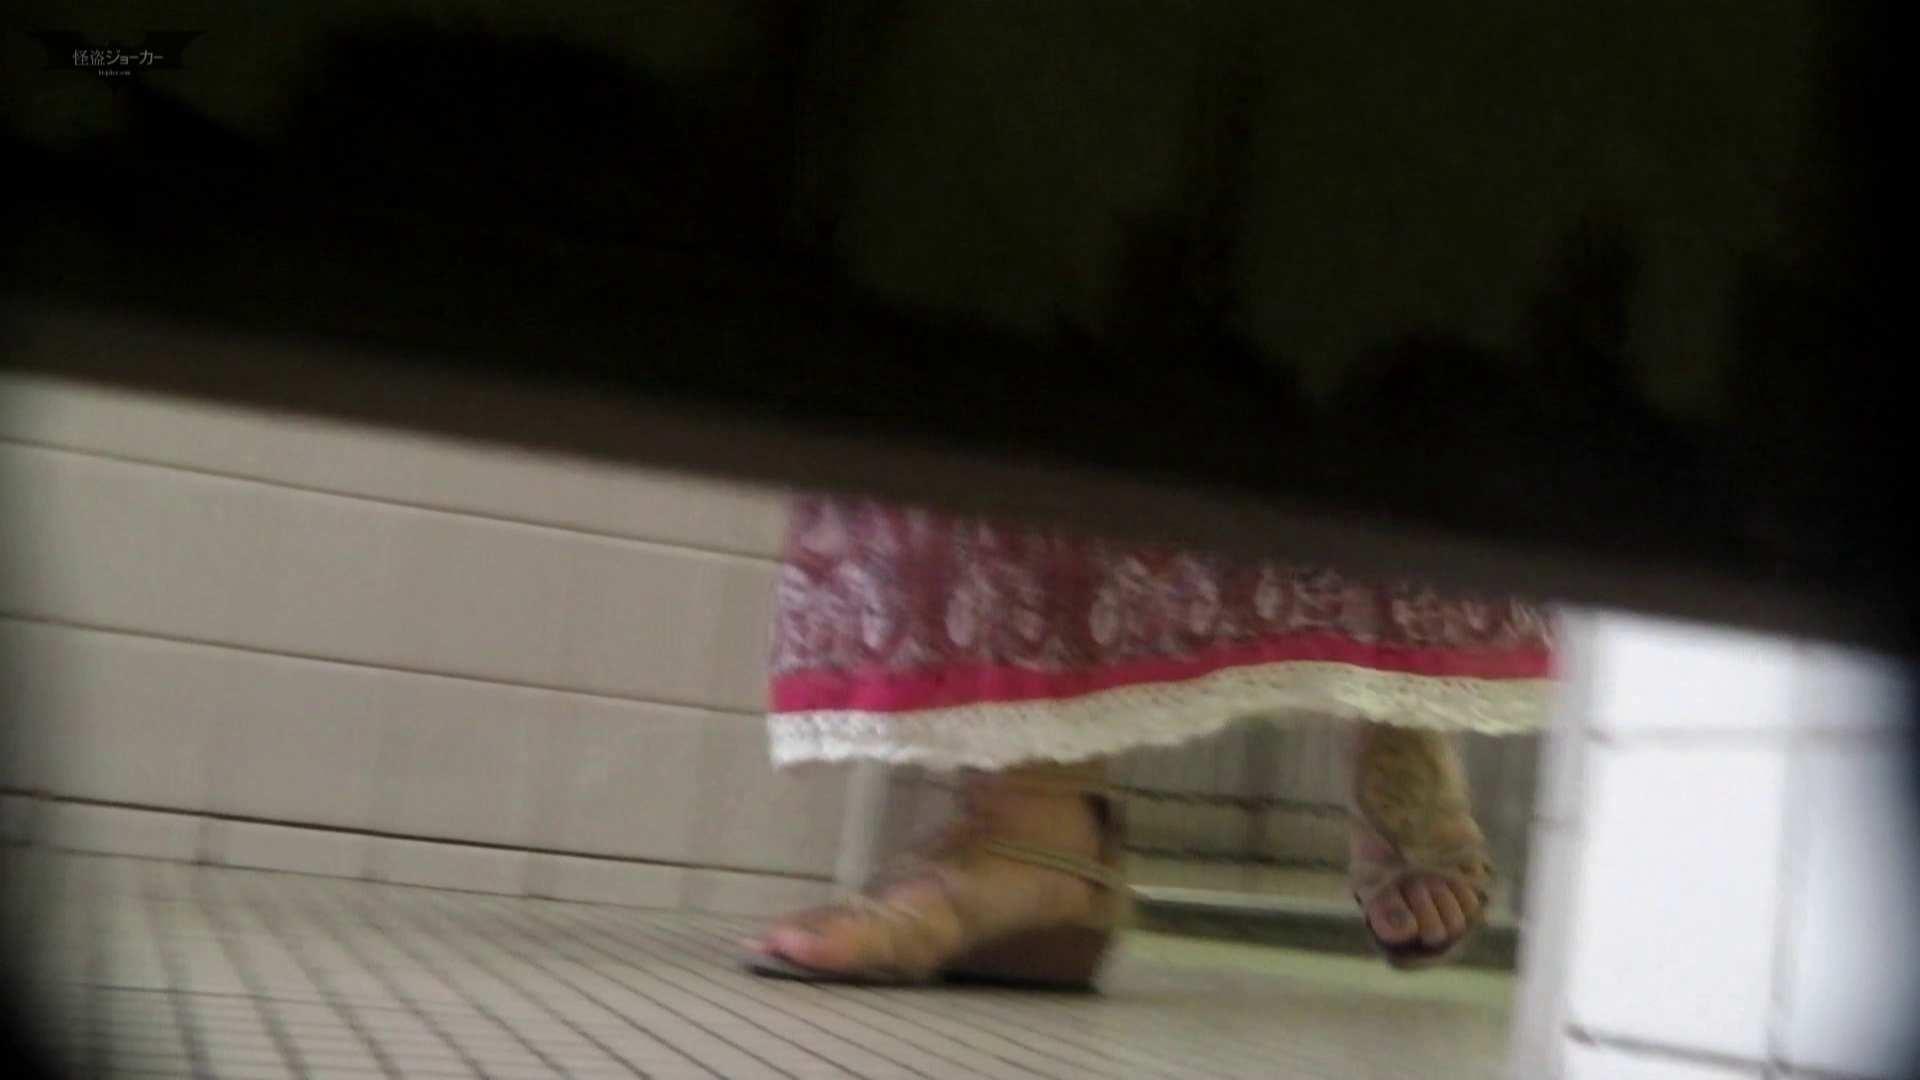 洗面所特攻隊 vol.68 前回のスーパー美女がついに【2015・14位】 洗面所着替え   OL  97連発 7